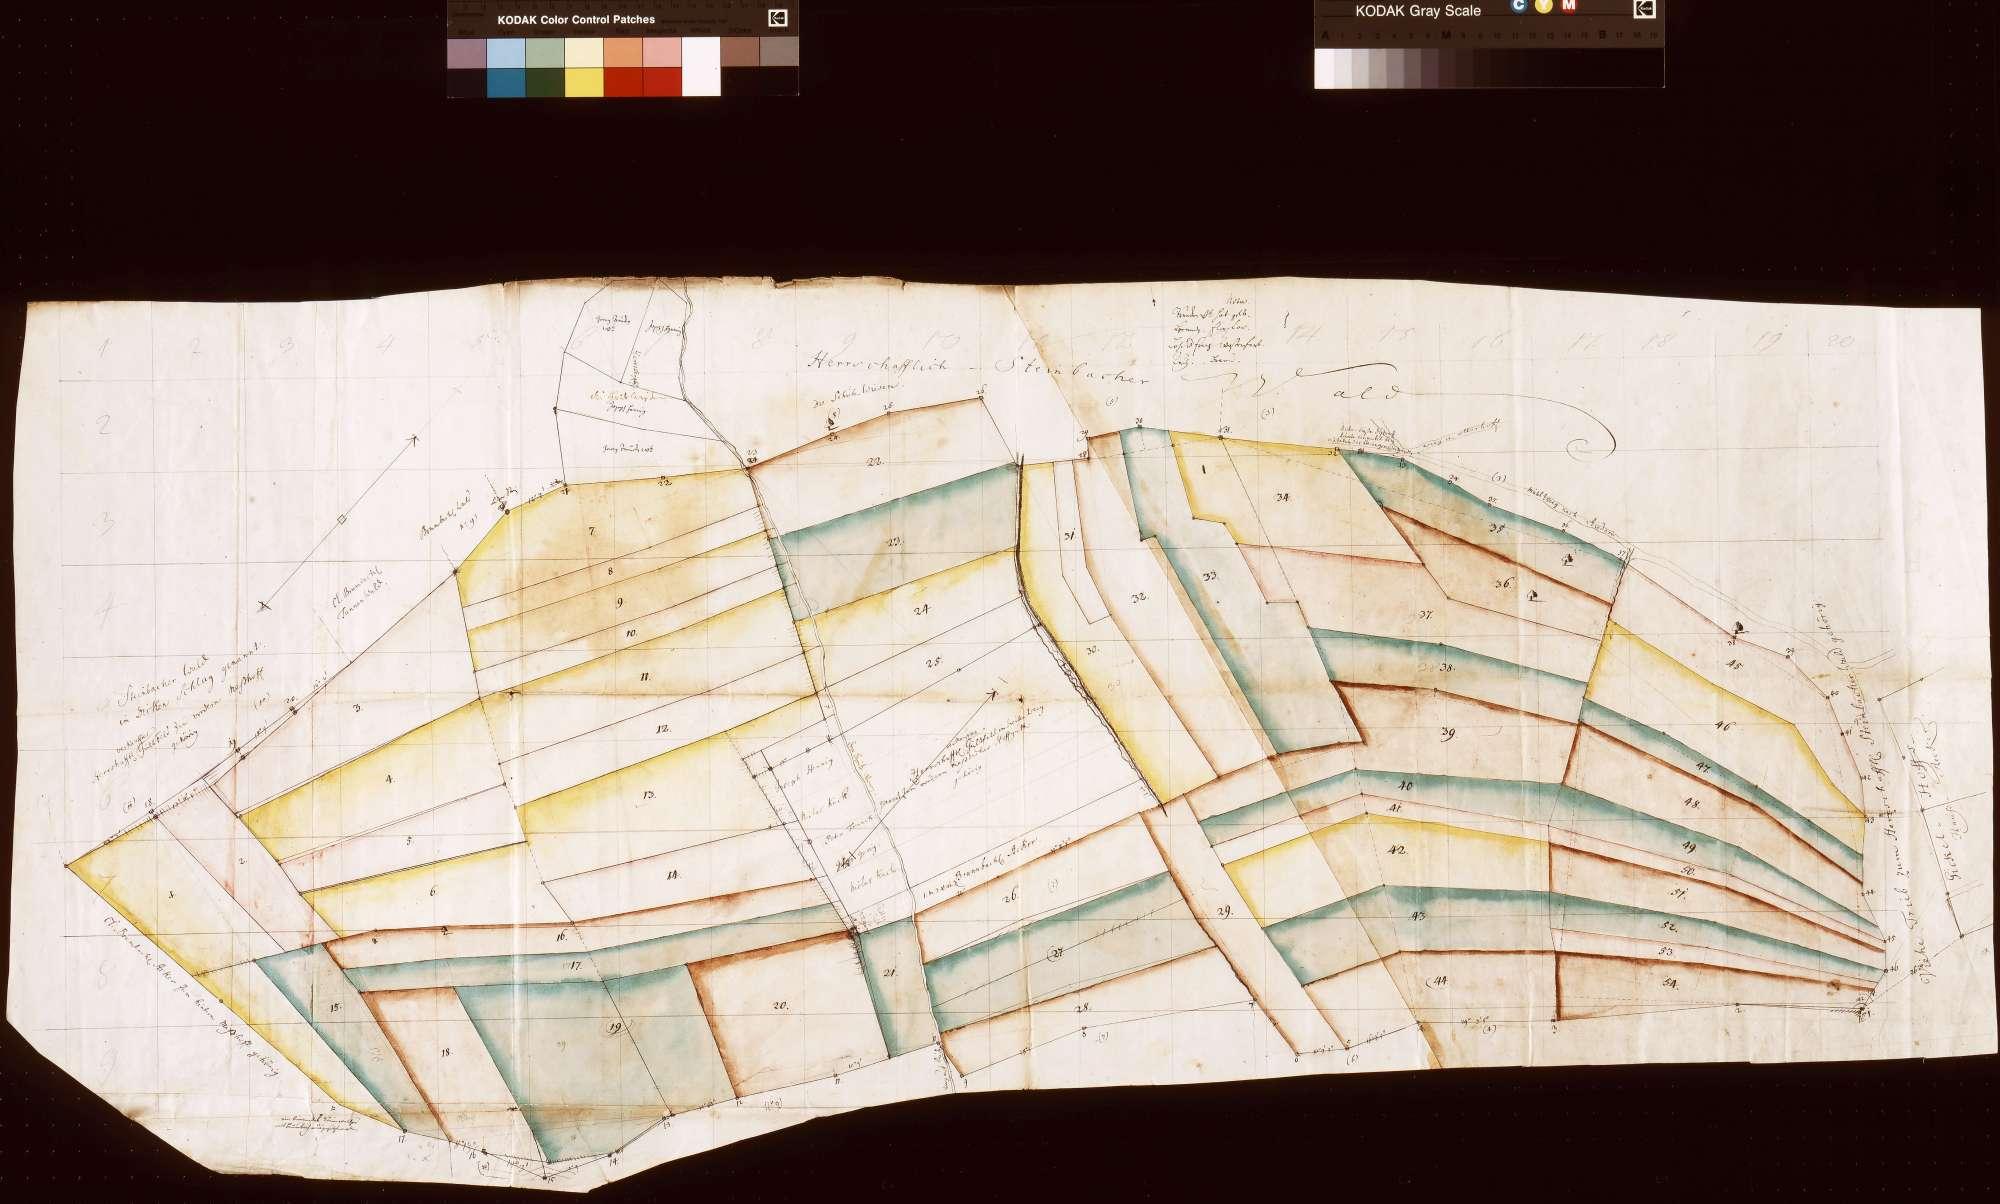 Gickelfeld (Inselkarte), Bild 1